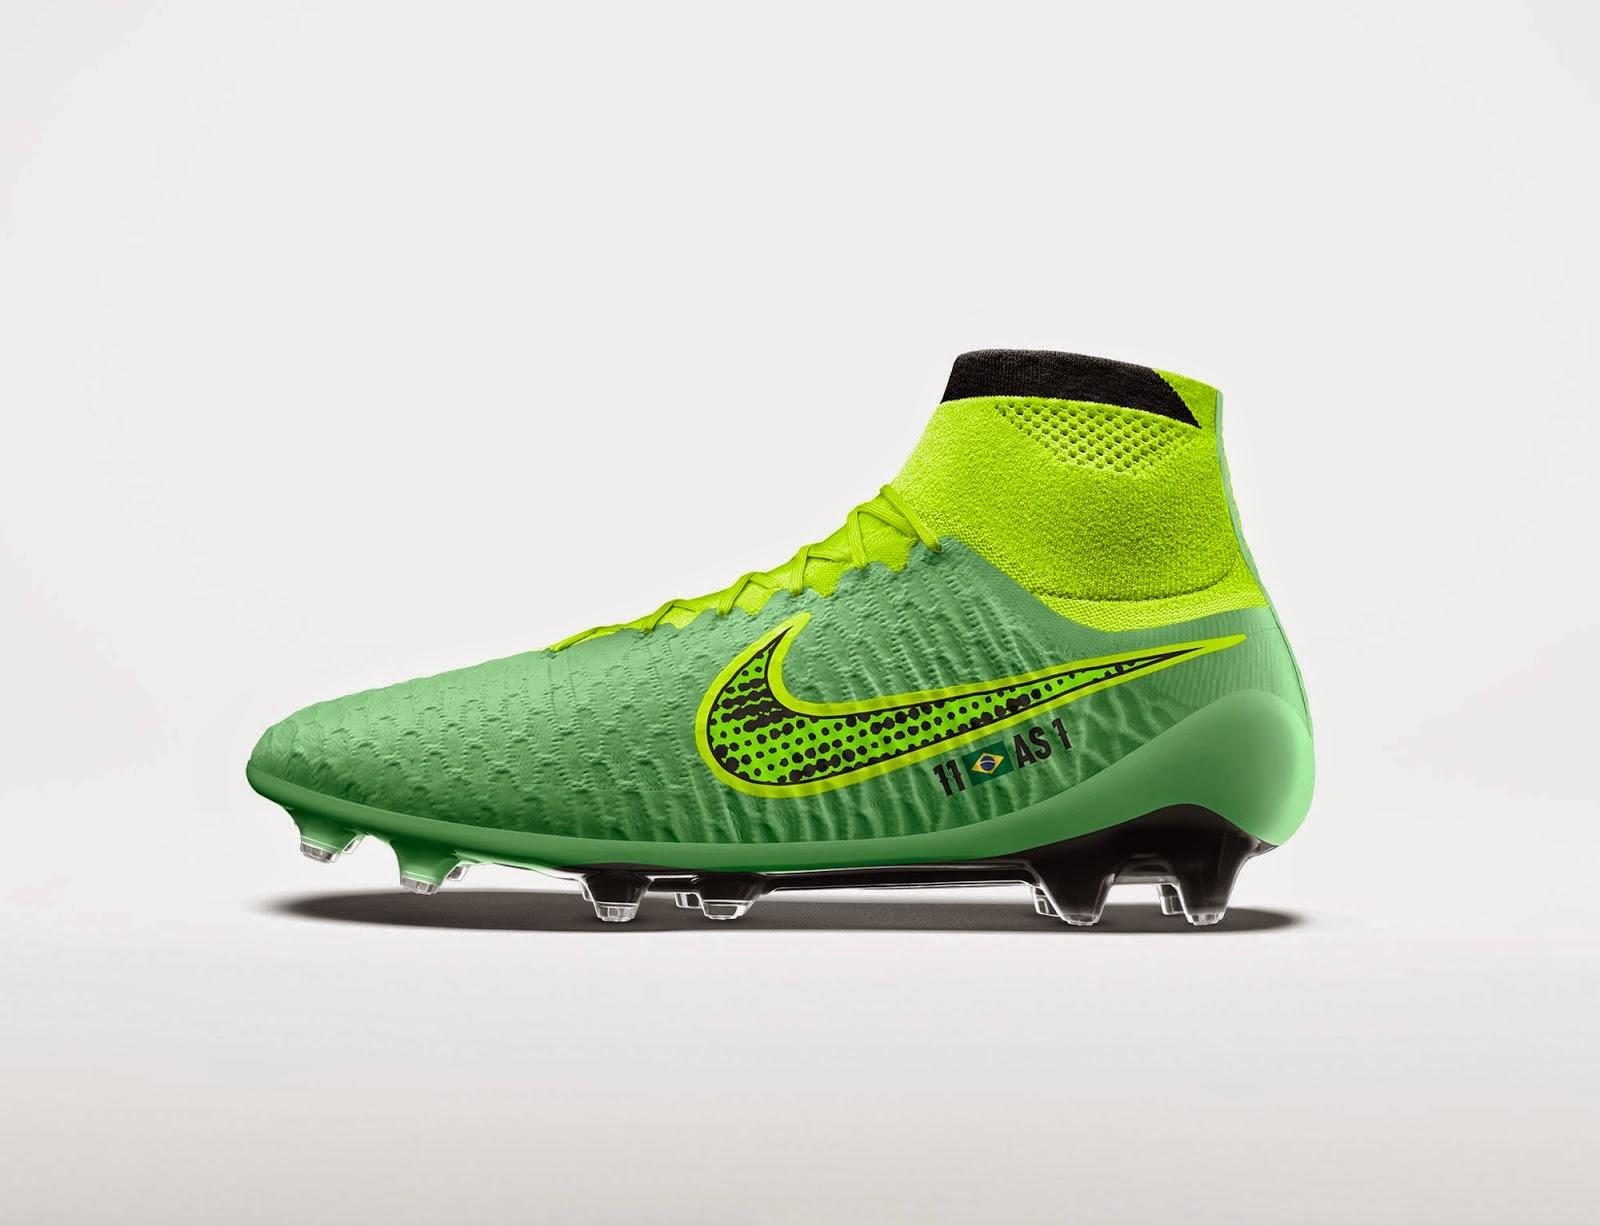 TasampSepatu Harga Dan Model Sepatu Nike Terbaru